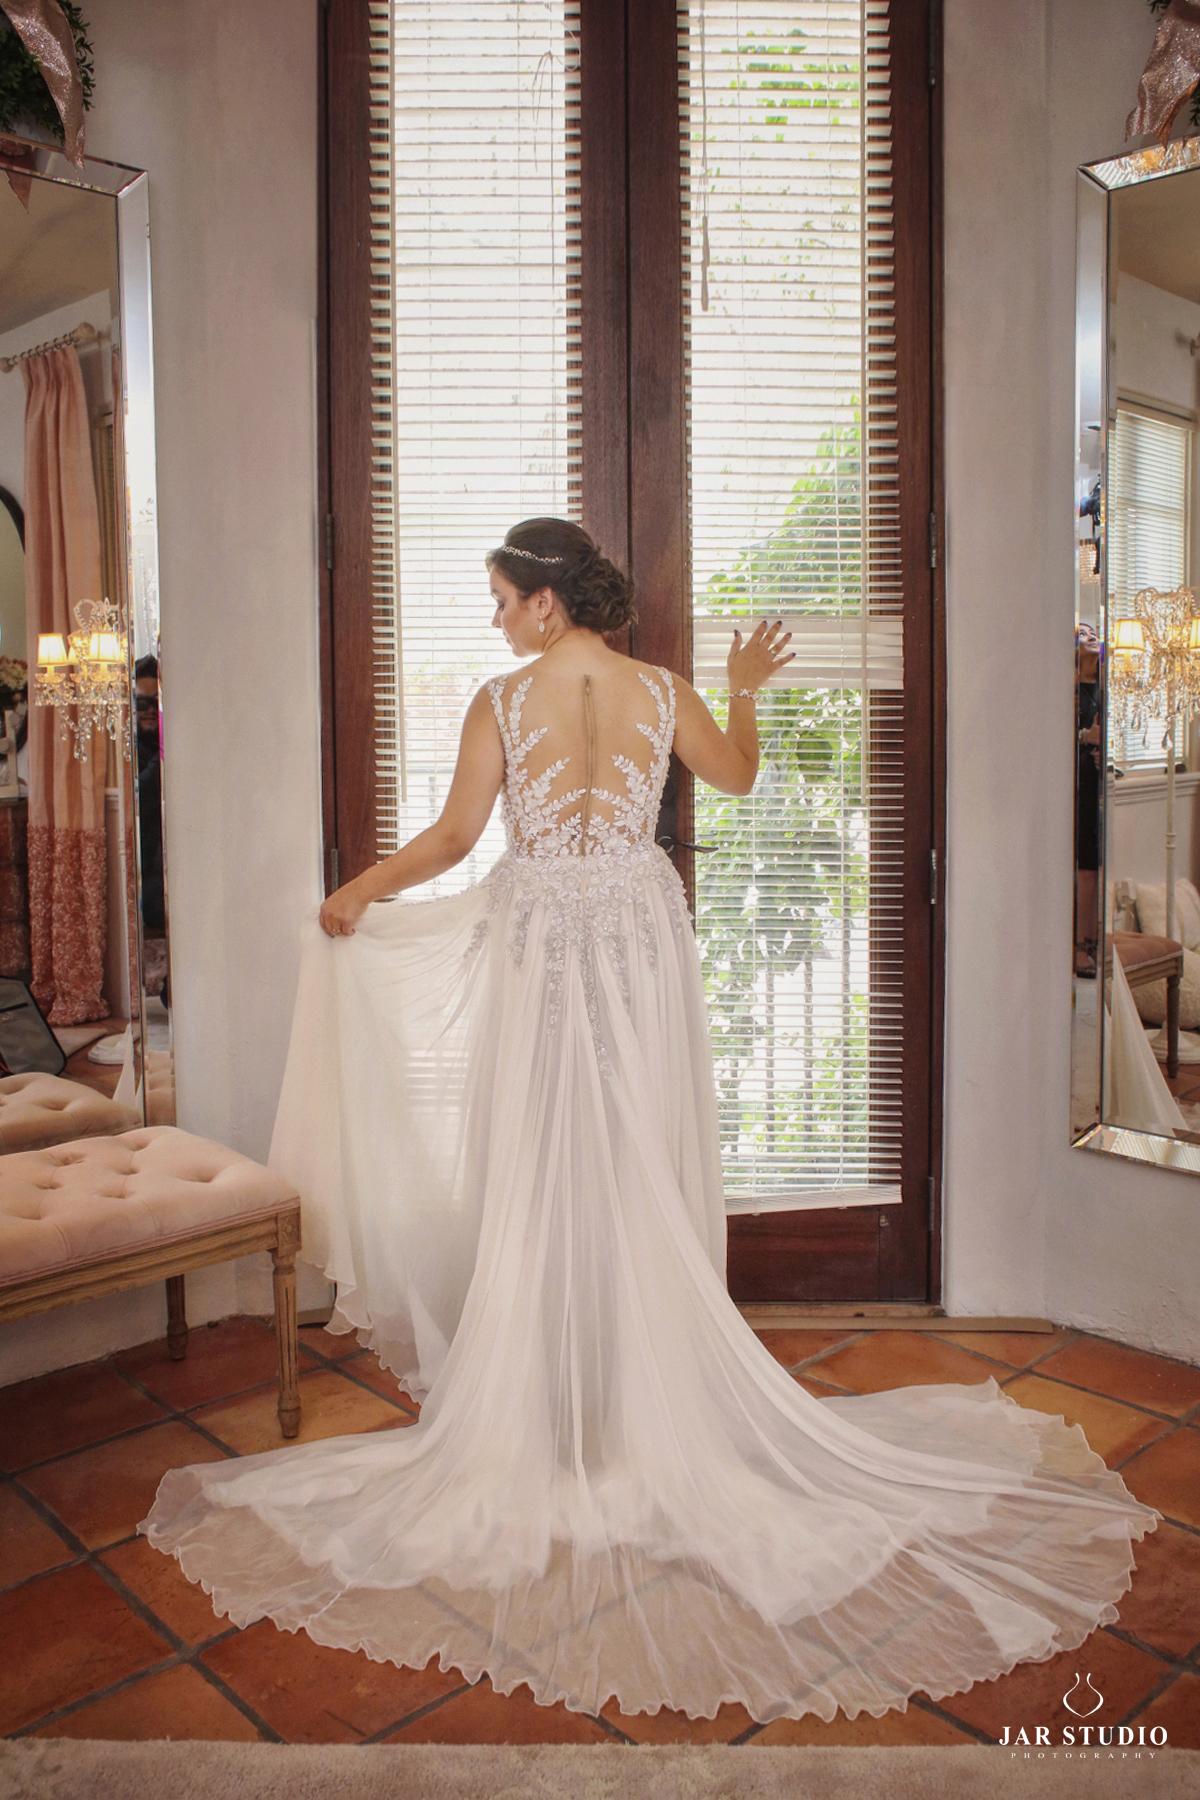 jarstudio-zuhair murad bridal-wedding-photographer-028.JPG